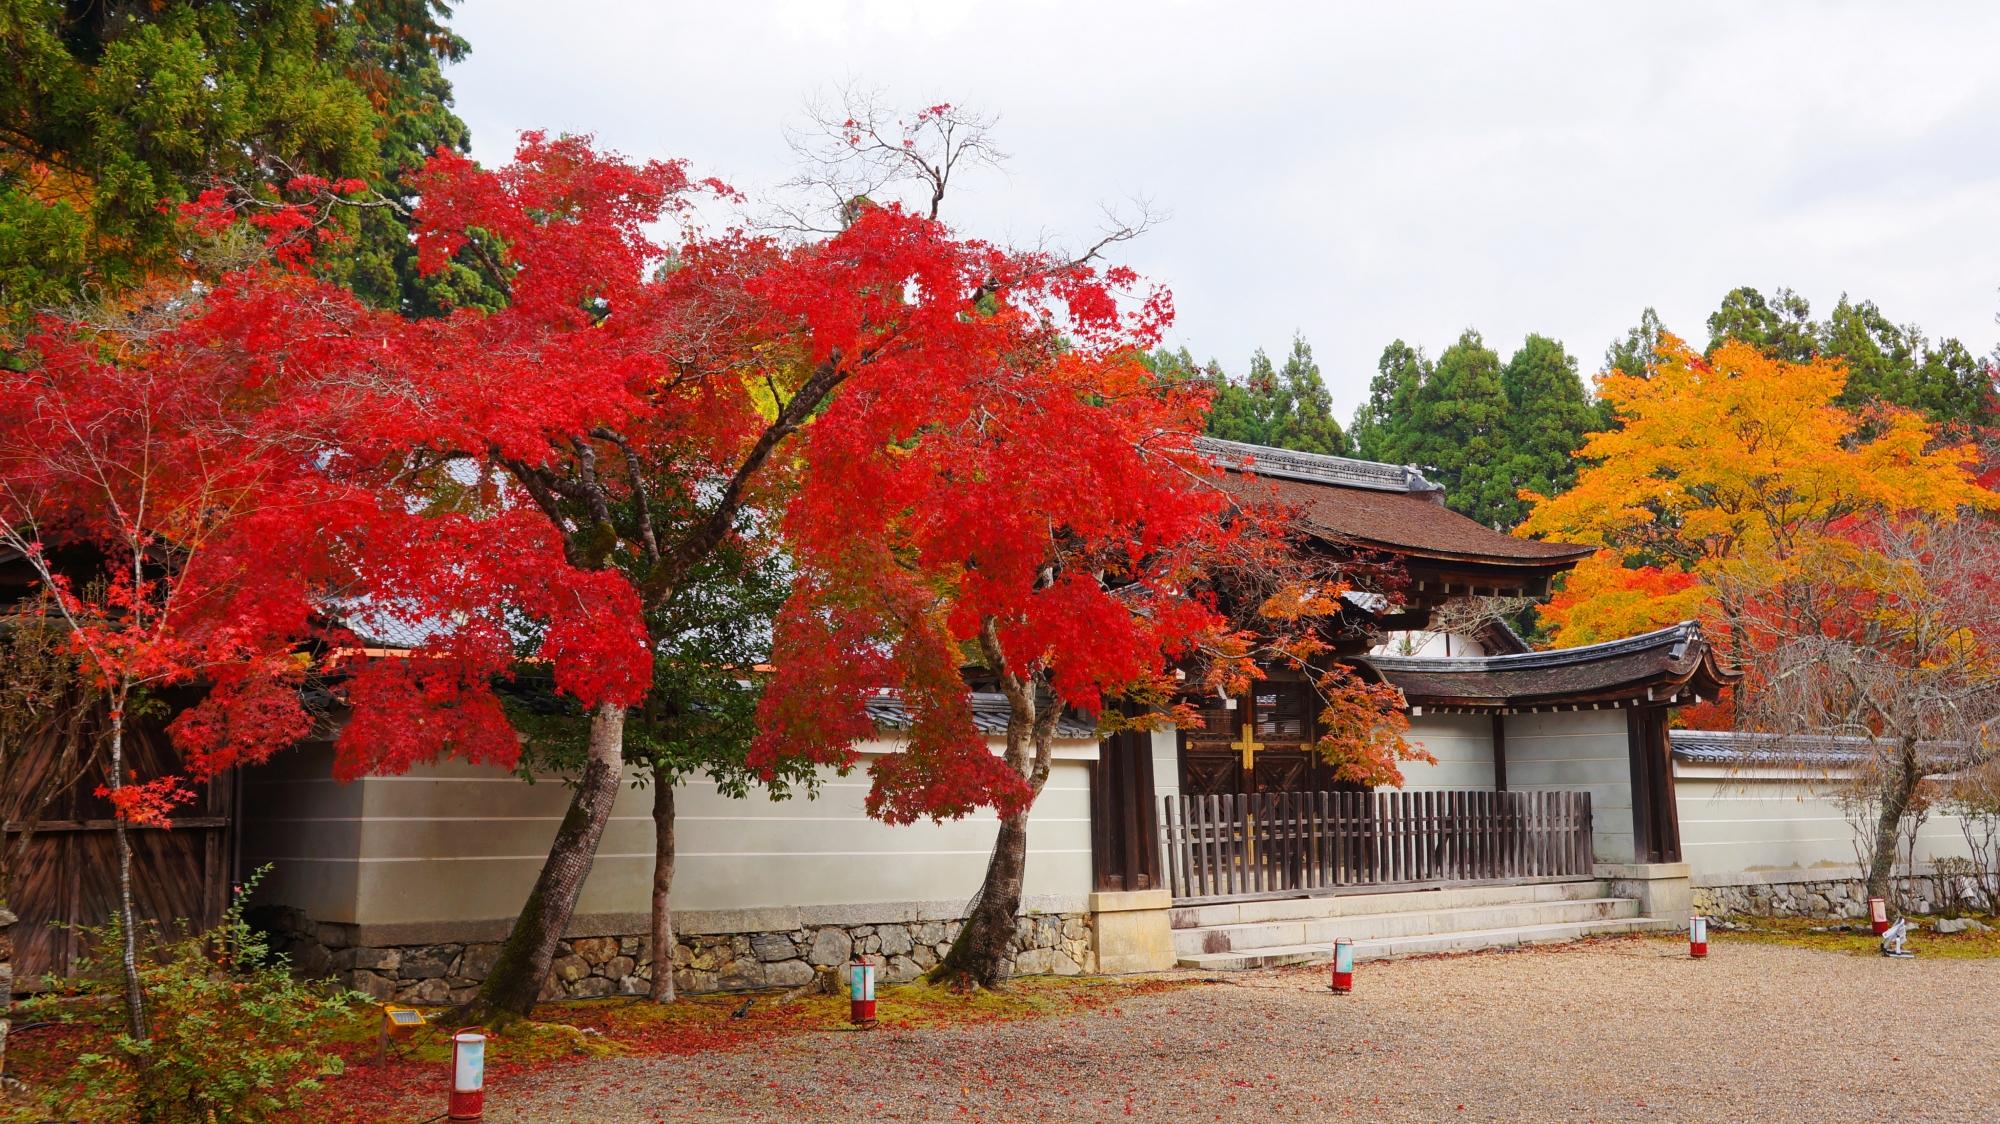 神護寺の唐門と多彩な紅葉